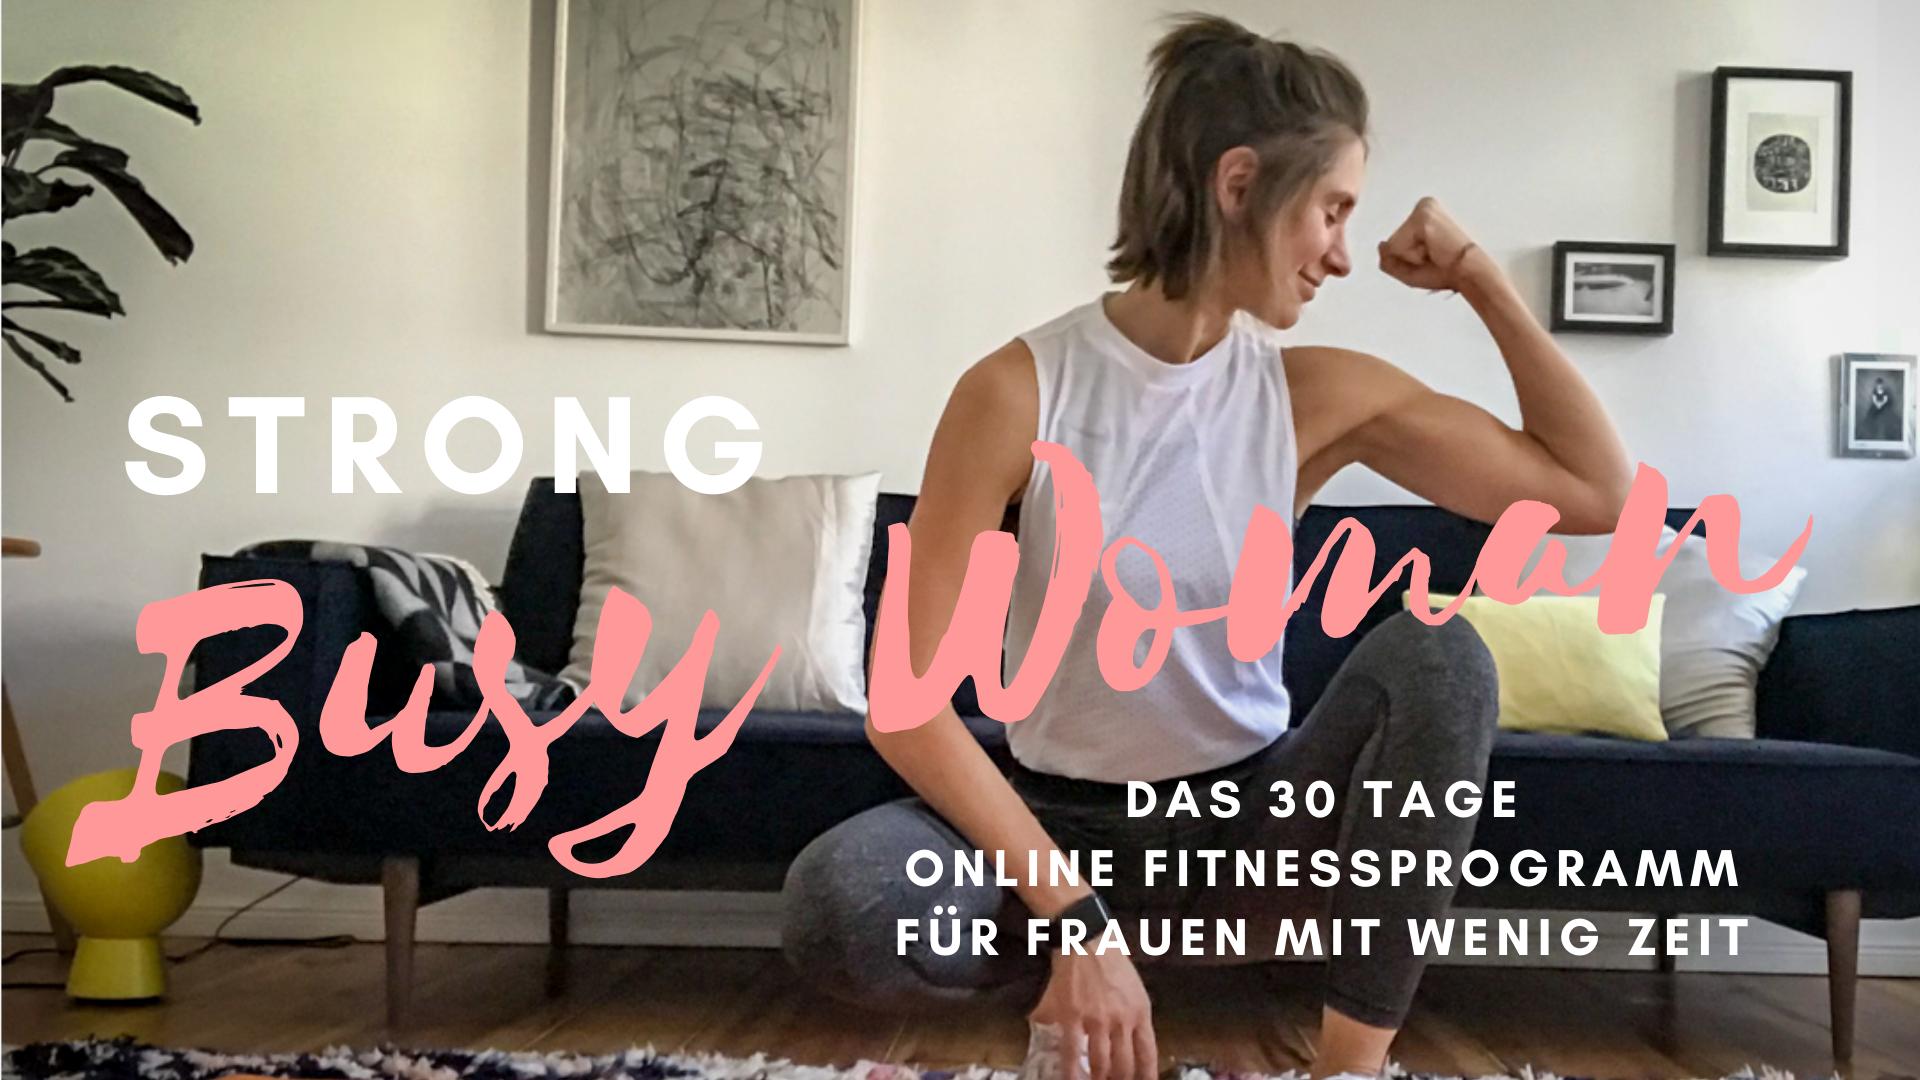 STRONG BUSY WOMAN - das Online Fitnessprogramm für Frauen mit wenig Zeit